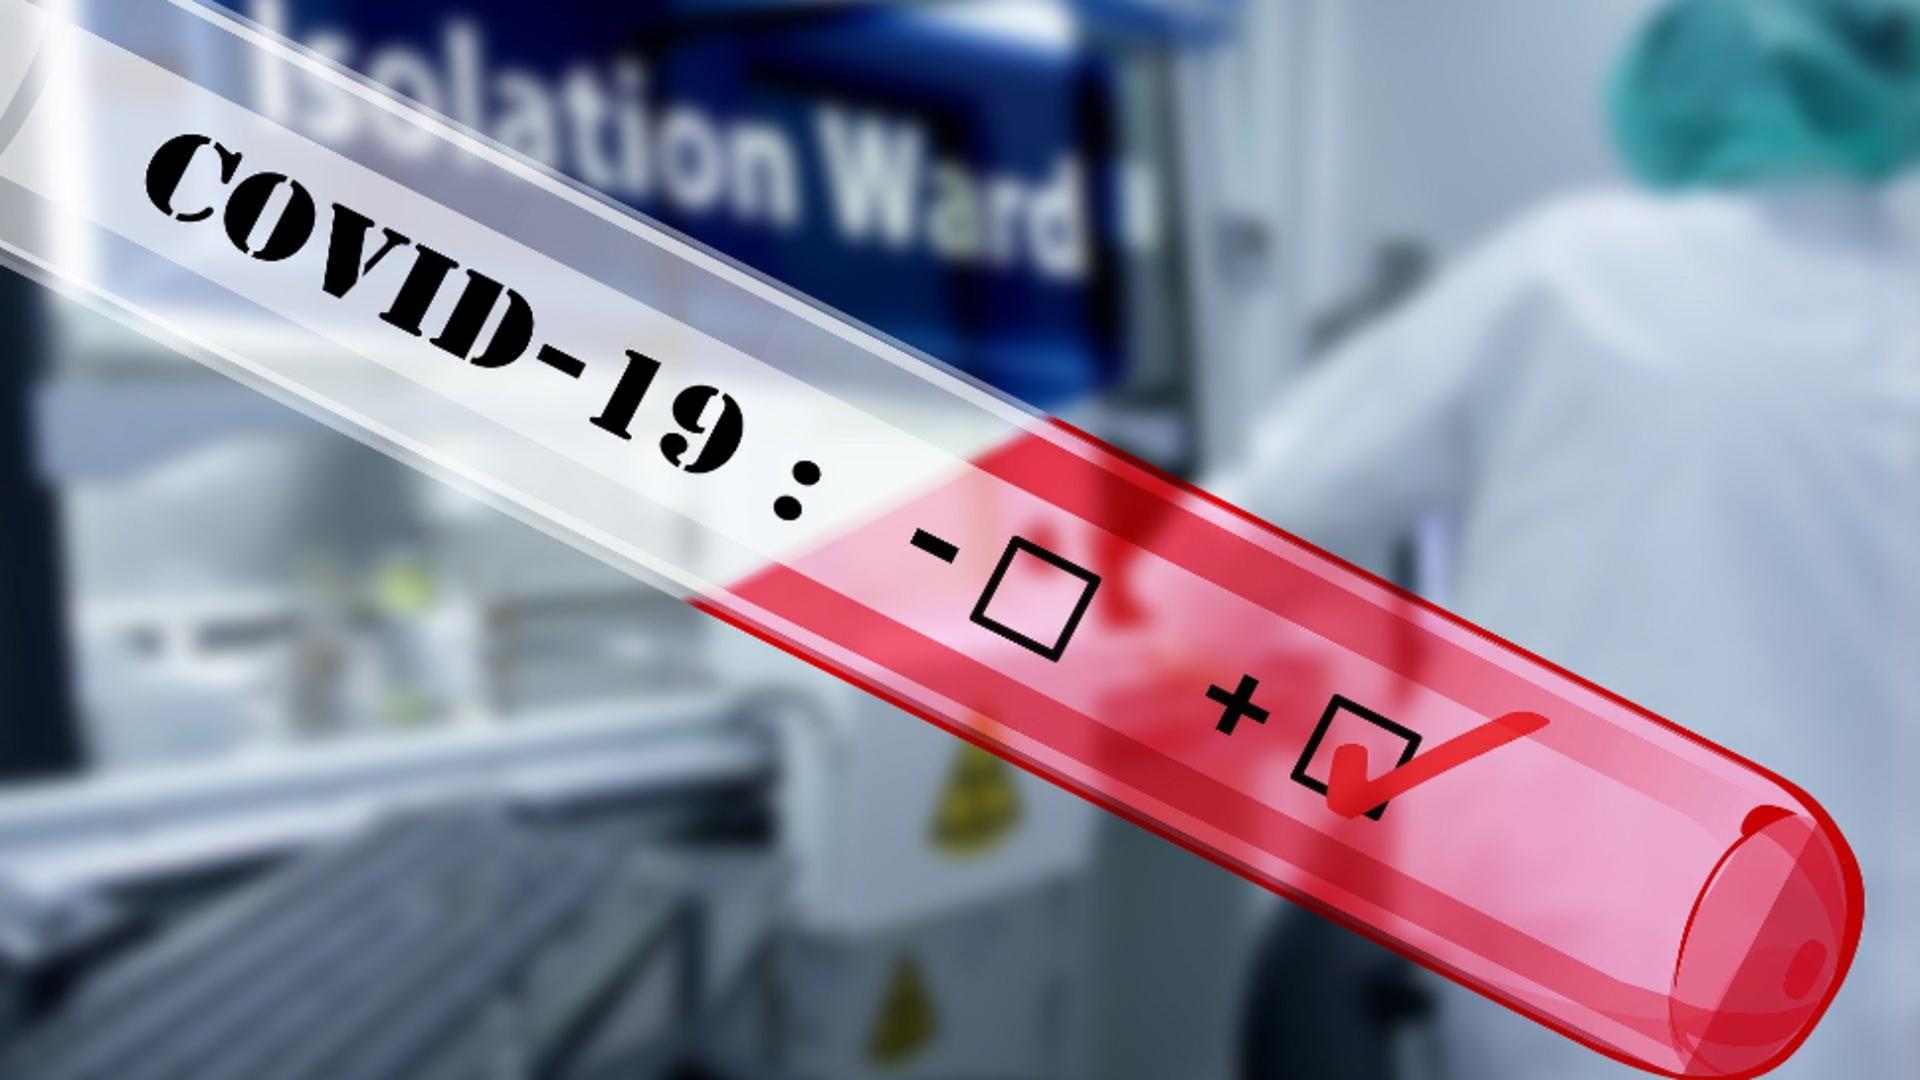 Laboratoarele medicale, profit urias in pandemie. Sursa foto: Pixabay